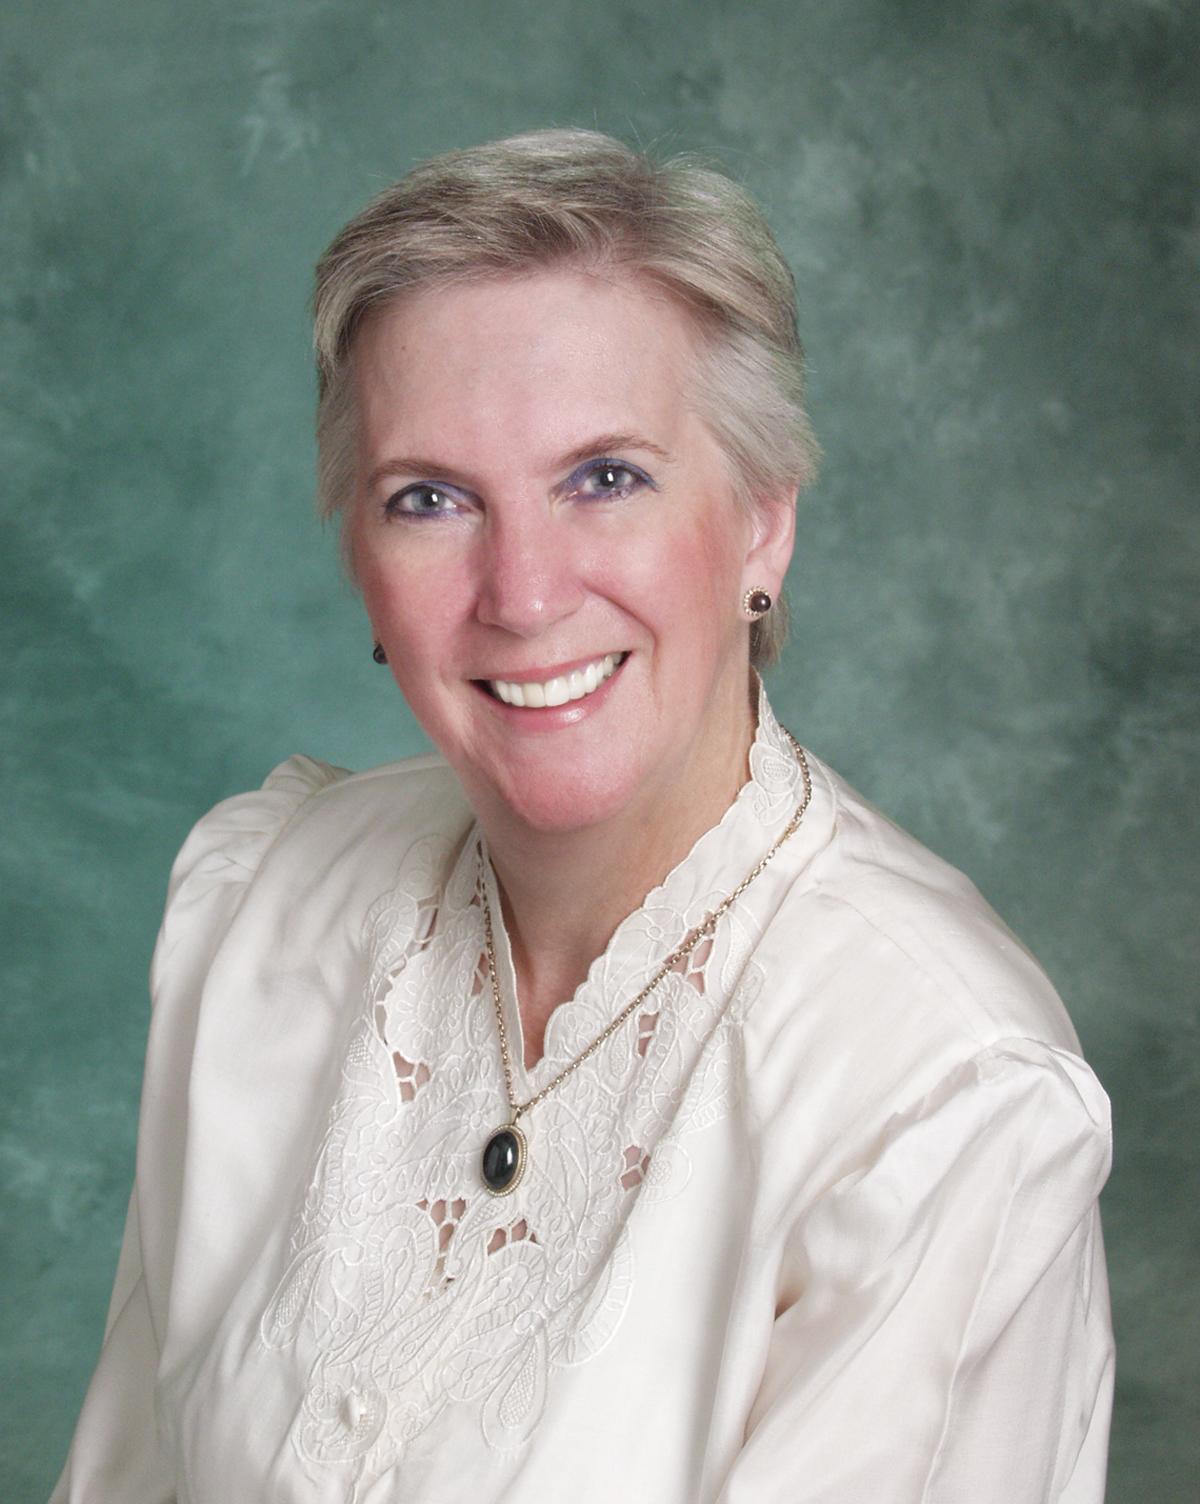 Maureen Hemsley